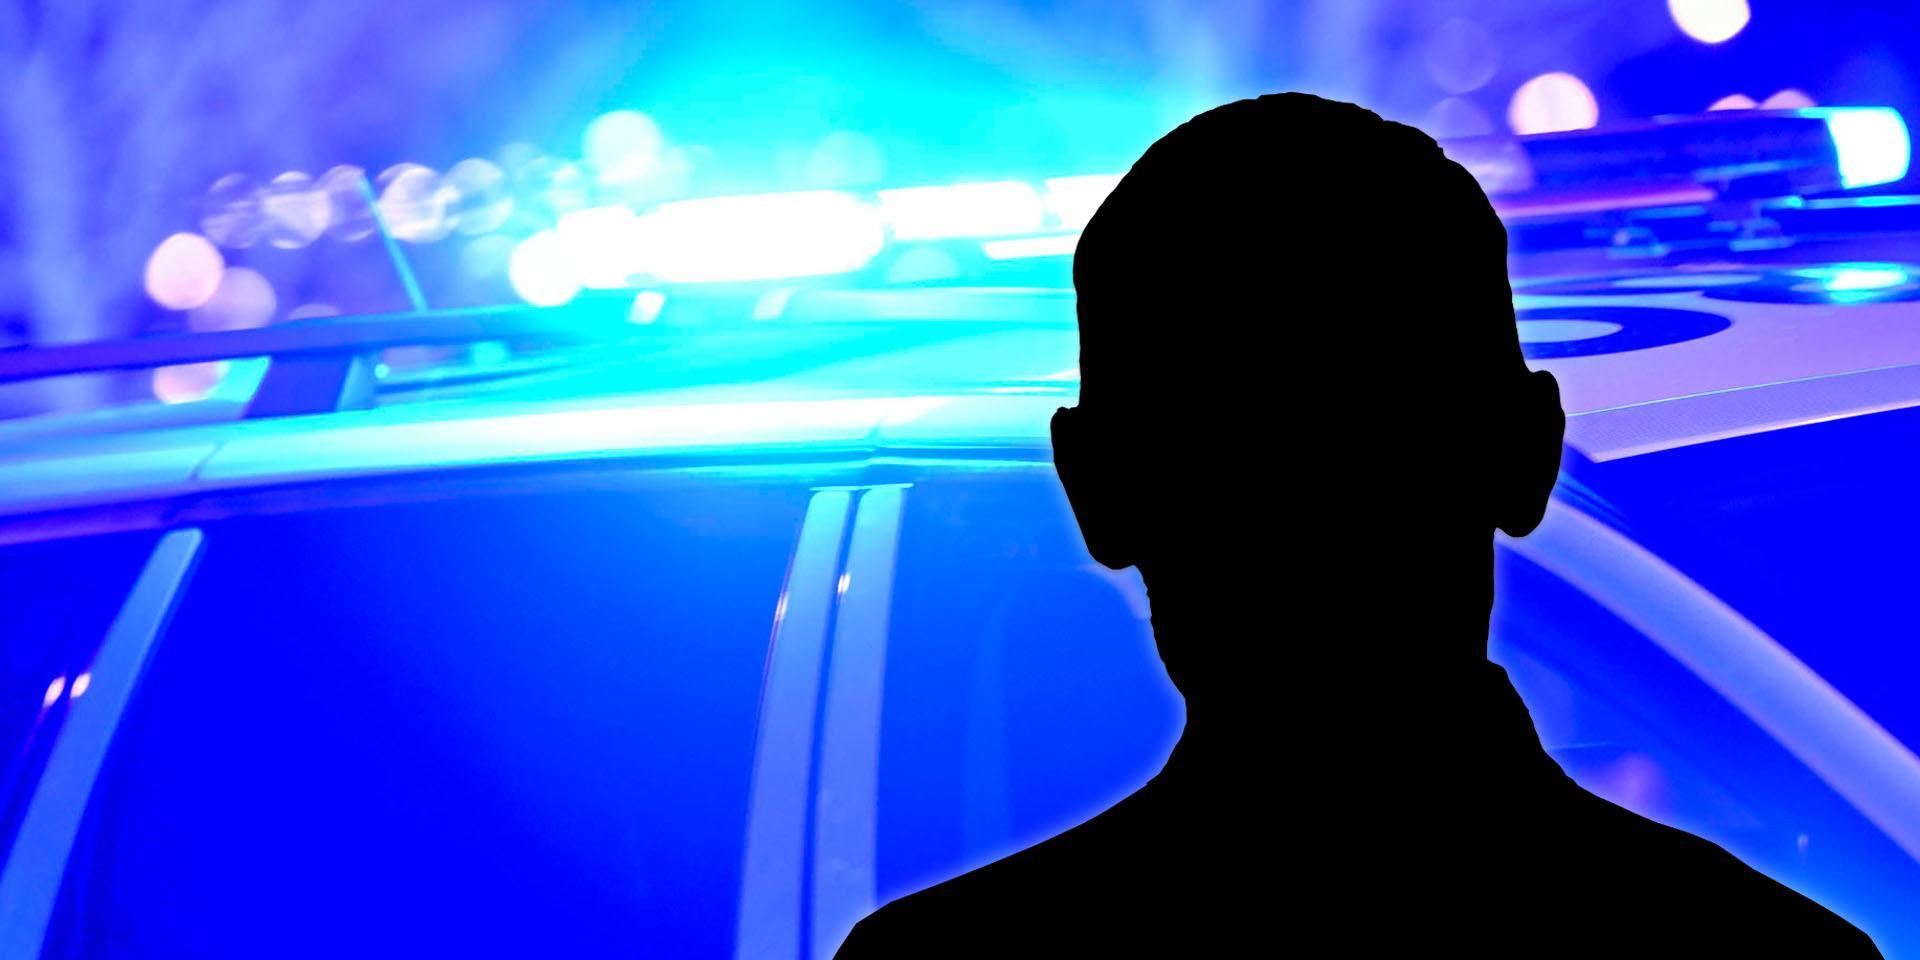 Man omhändertogs för fylleri – misstänks för sexuellt ofredande